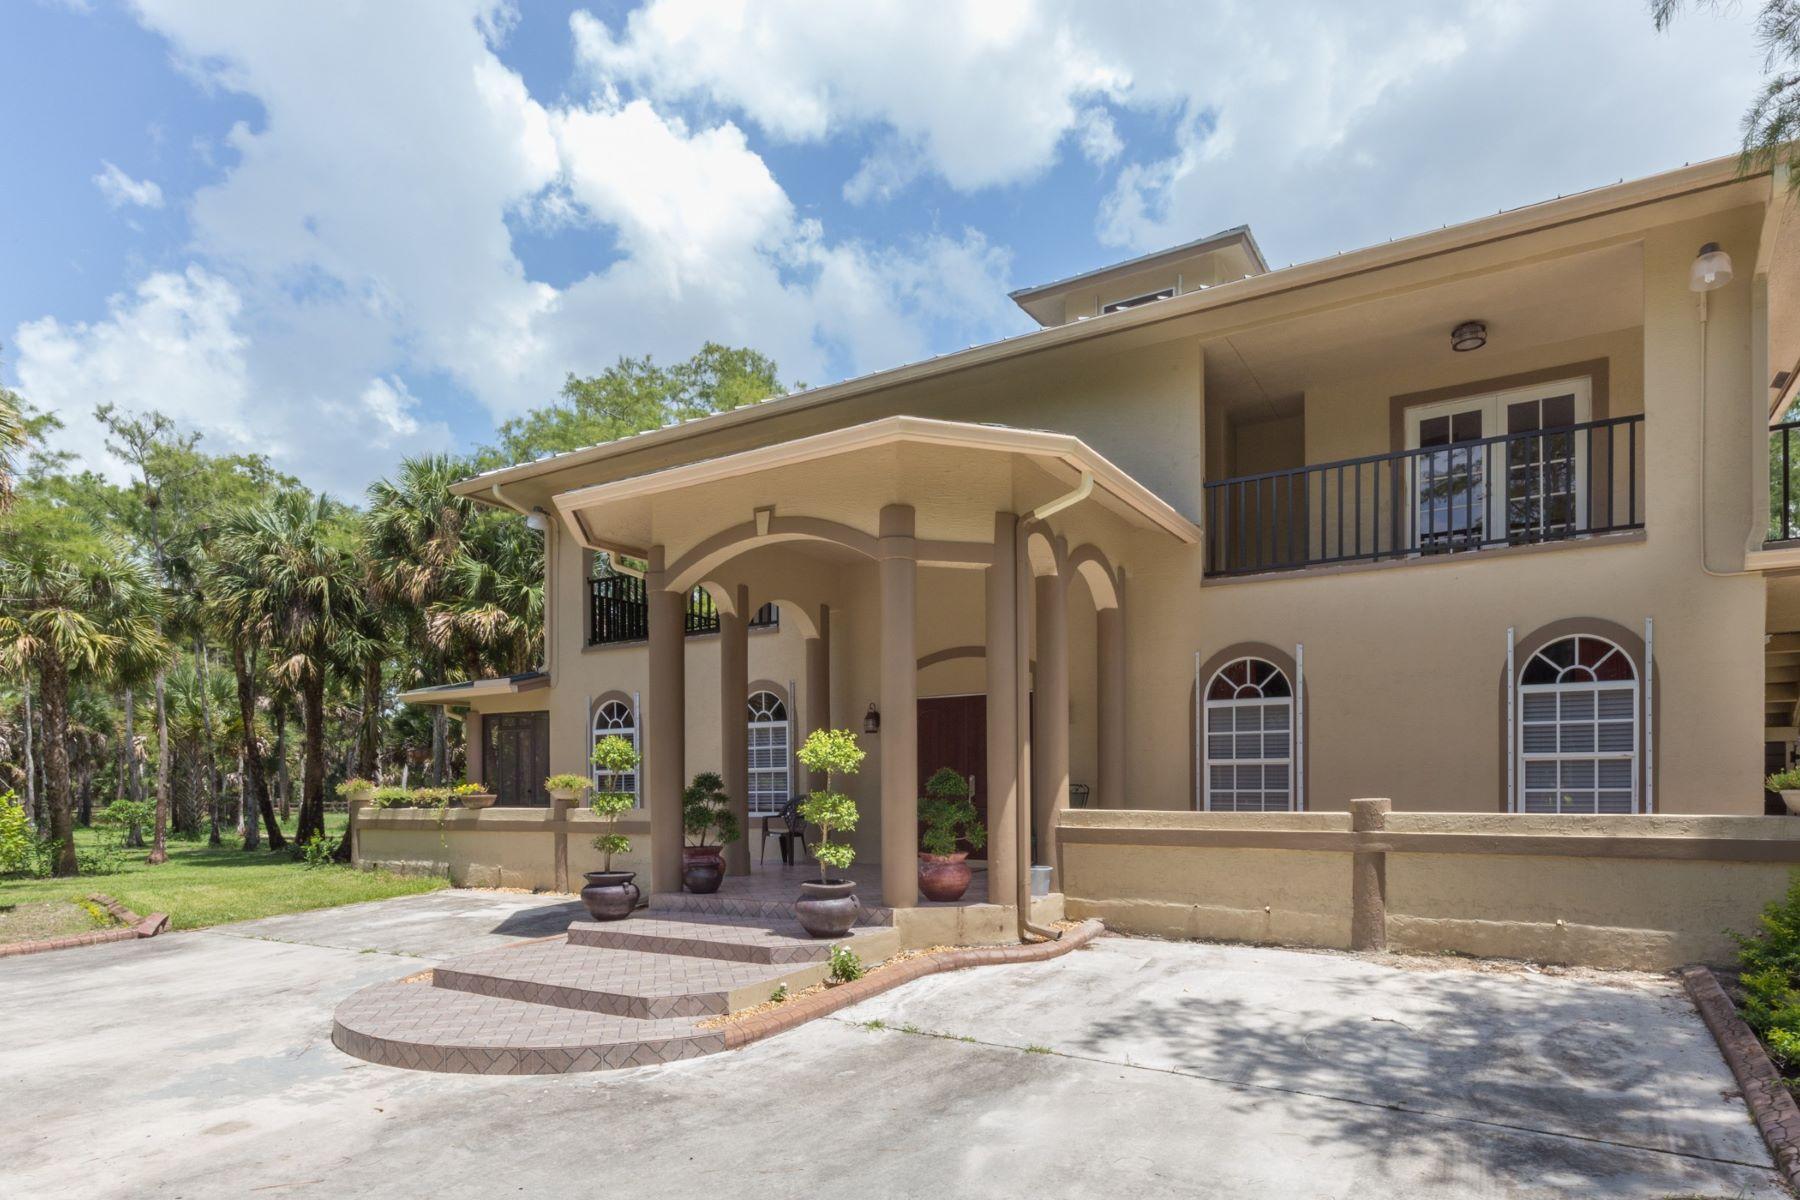 Частный односемейный дом для того Продажа на 1154 Gallop Drive Loxahatchee, Флорида, 33470 Соединенные Штаты